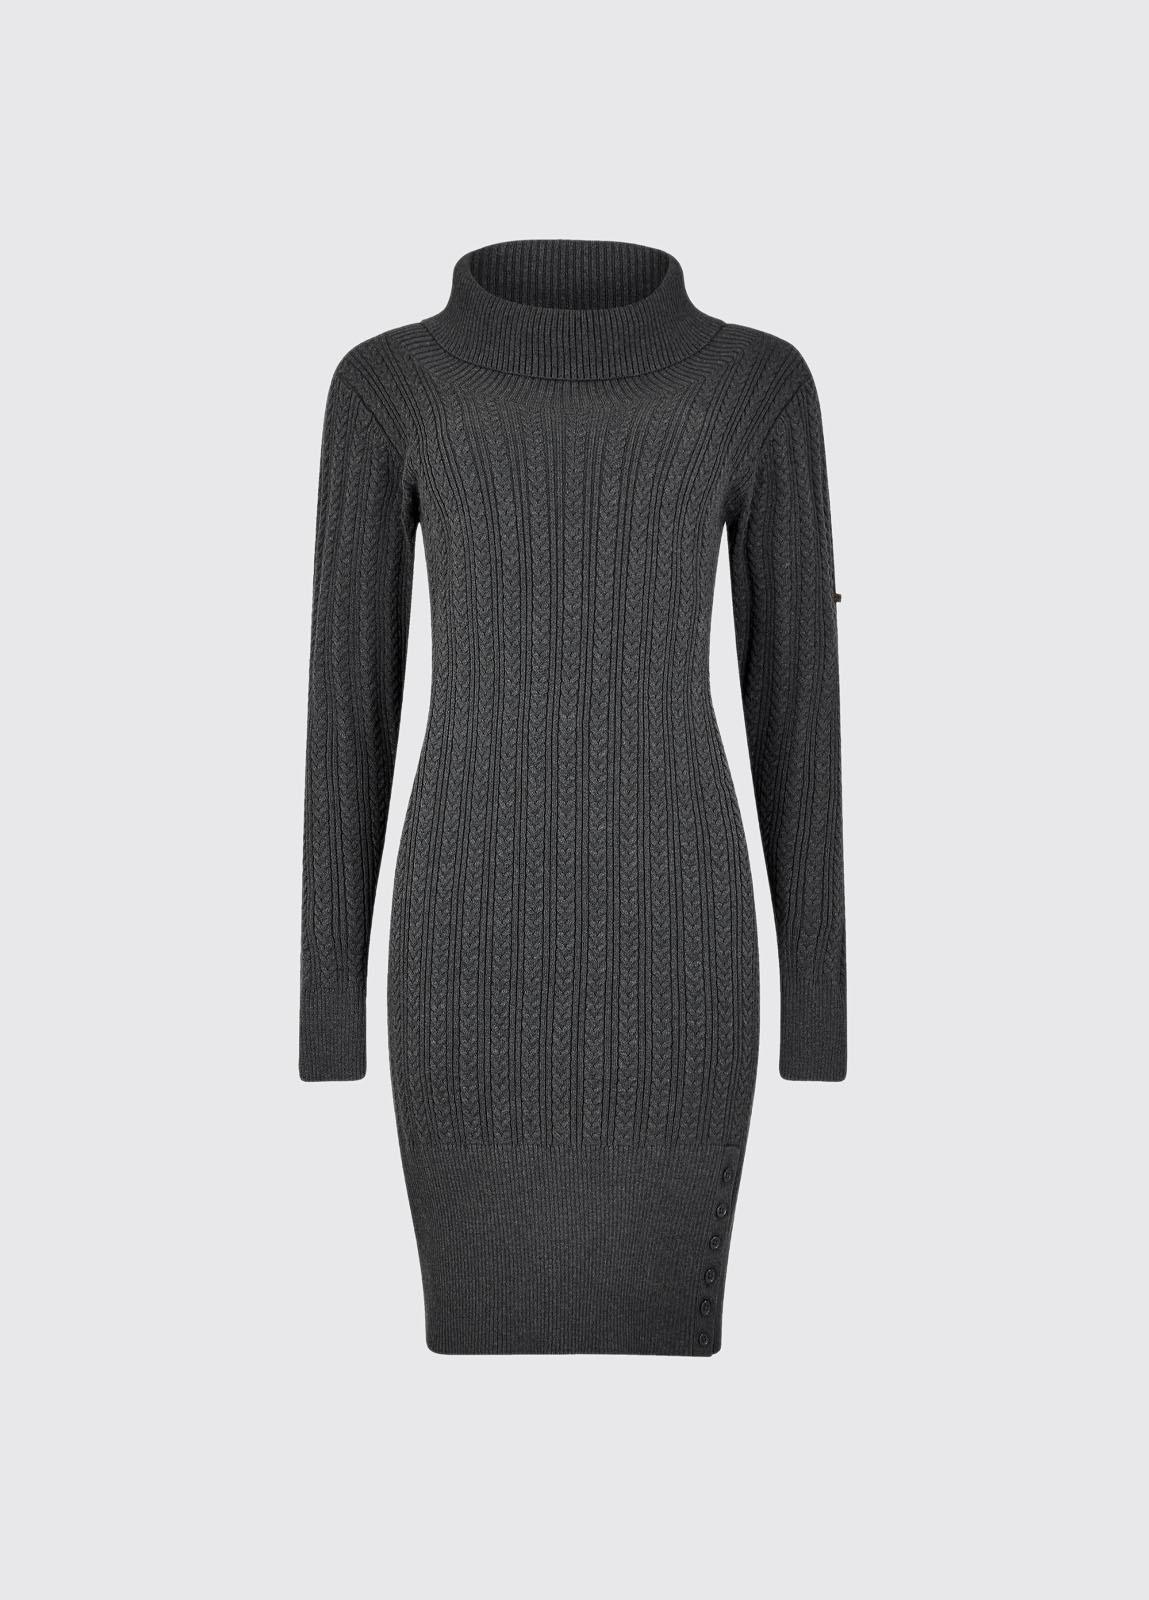 Westport Sweater dress - Graphite